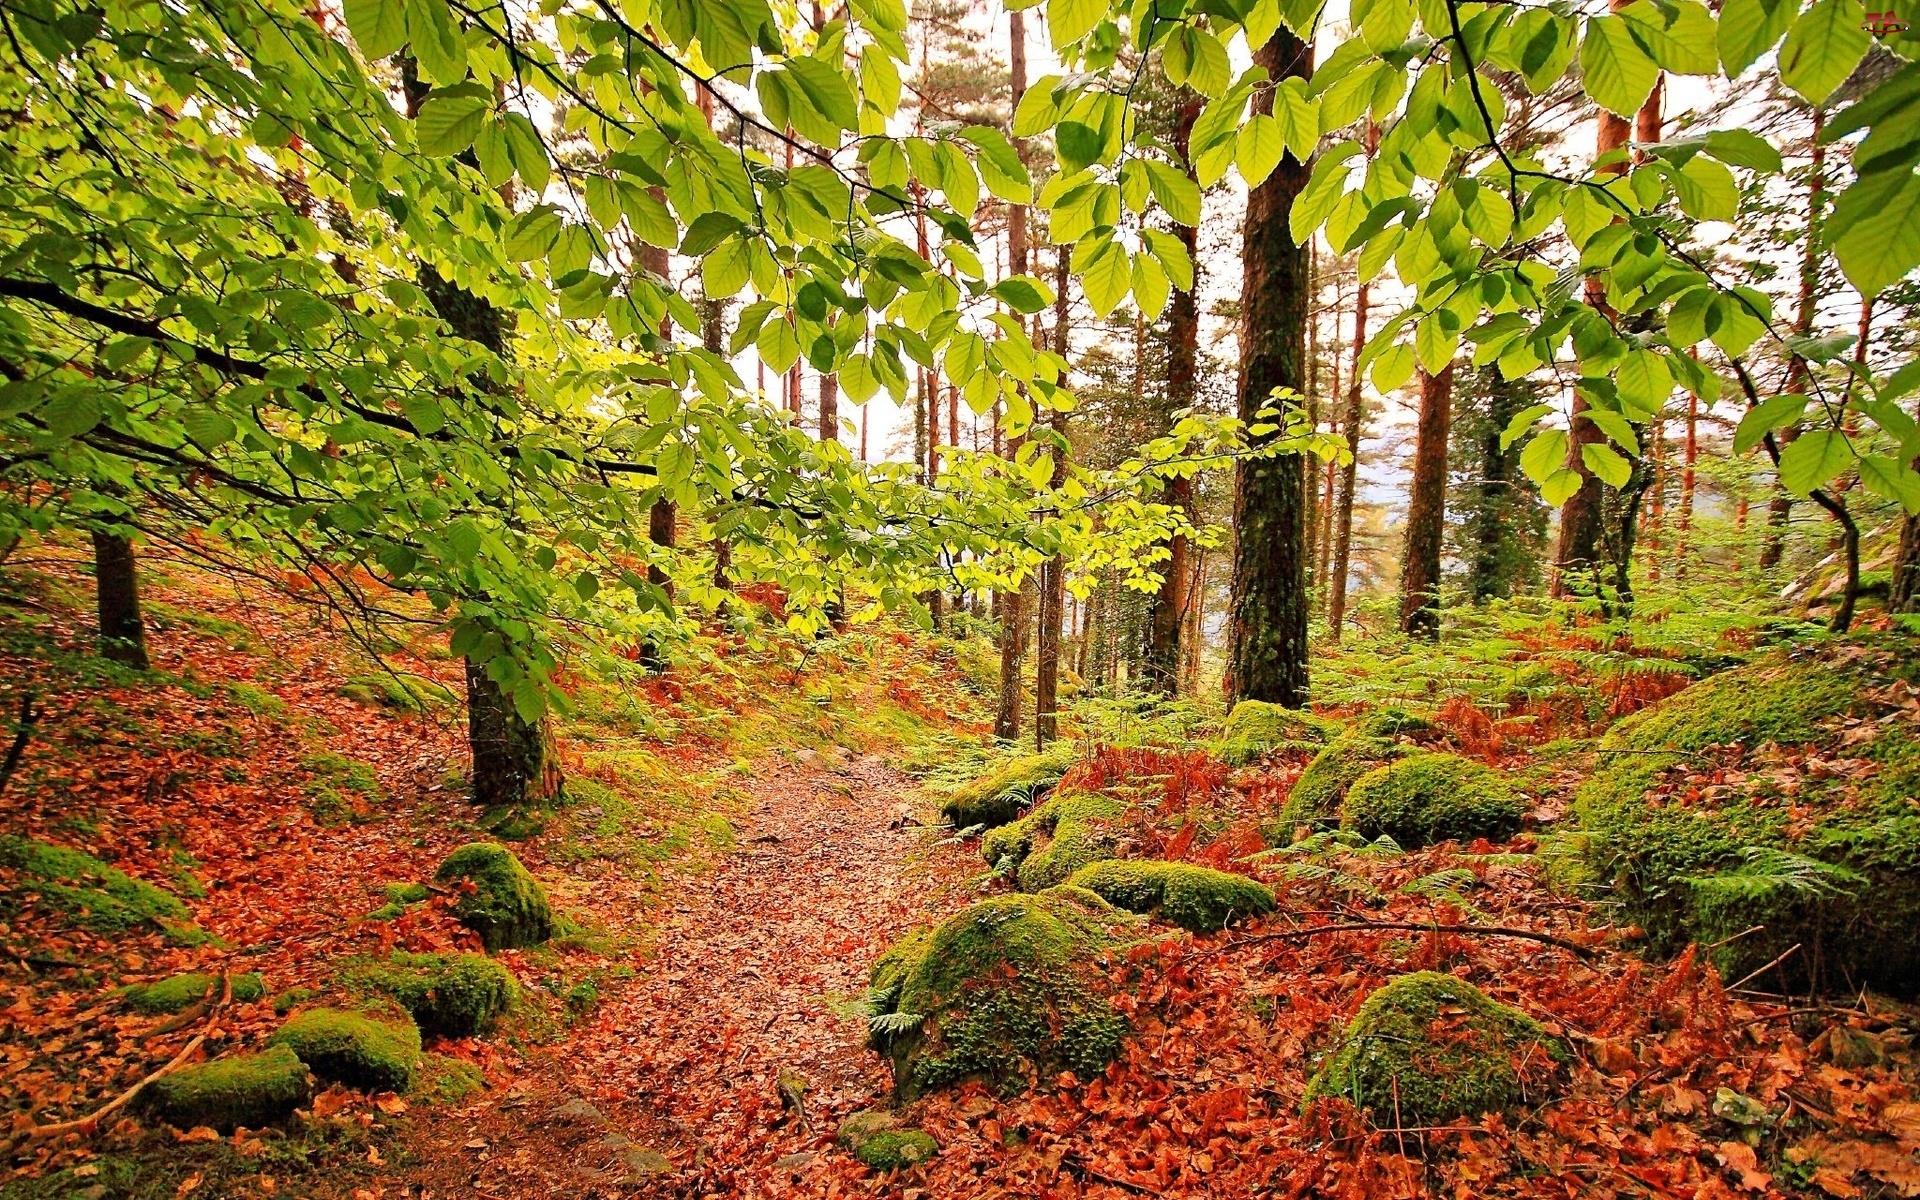 Jesień, Las, Kamienie, Ścieżka, Liście